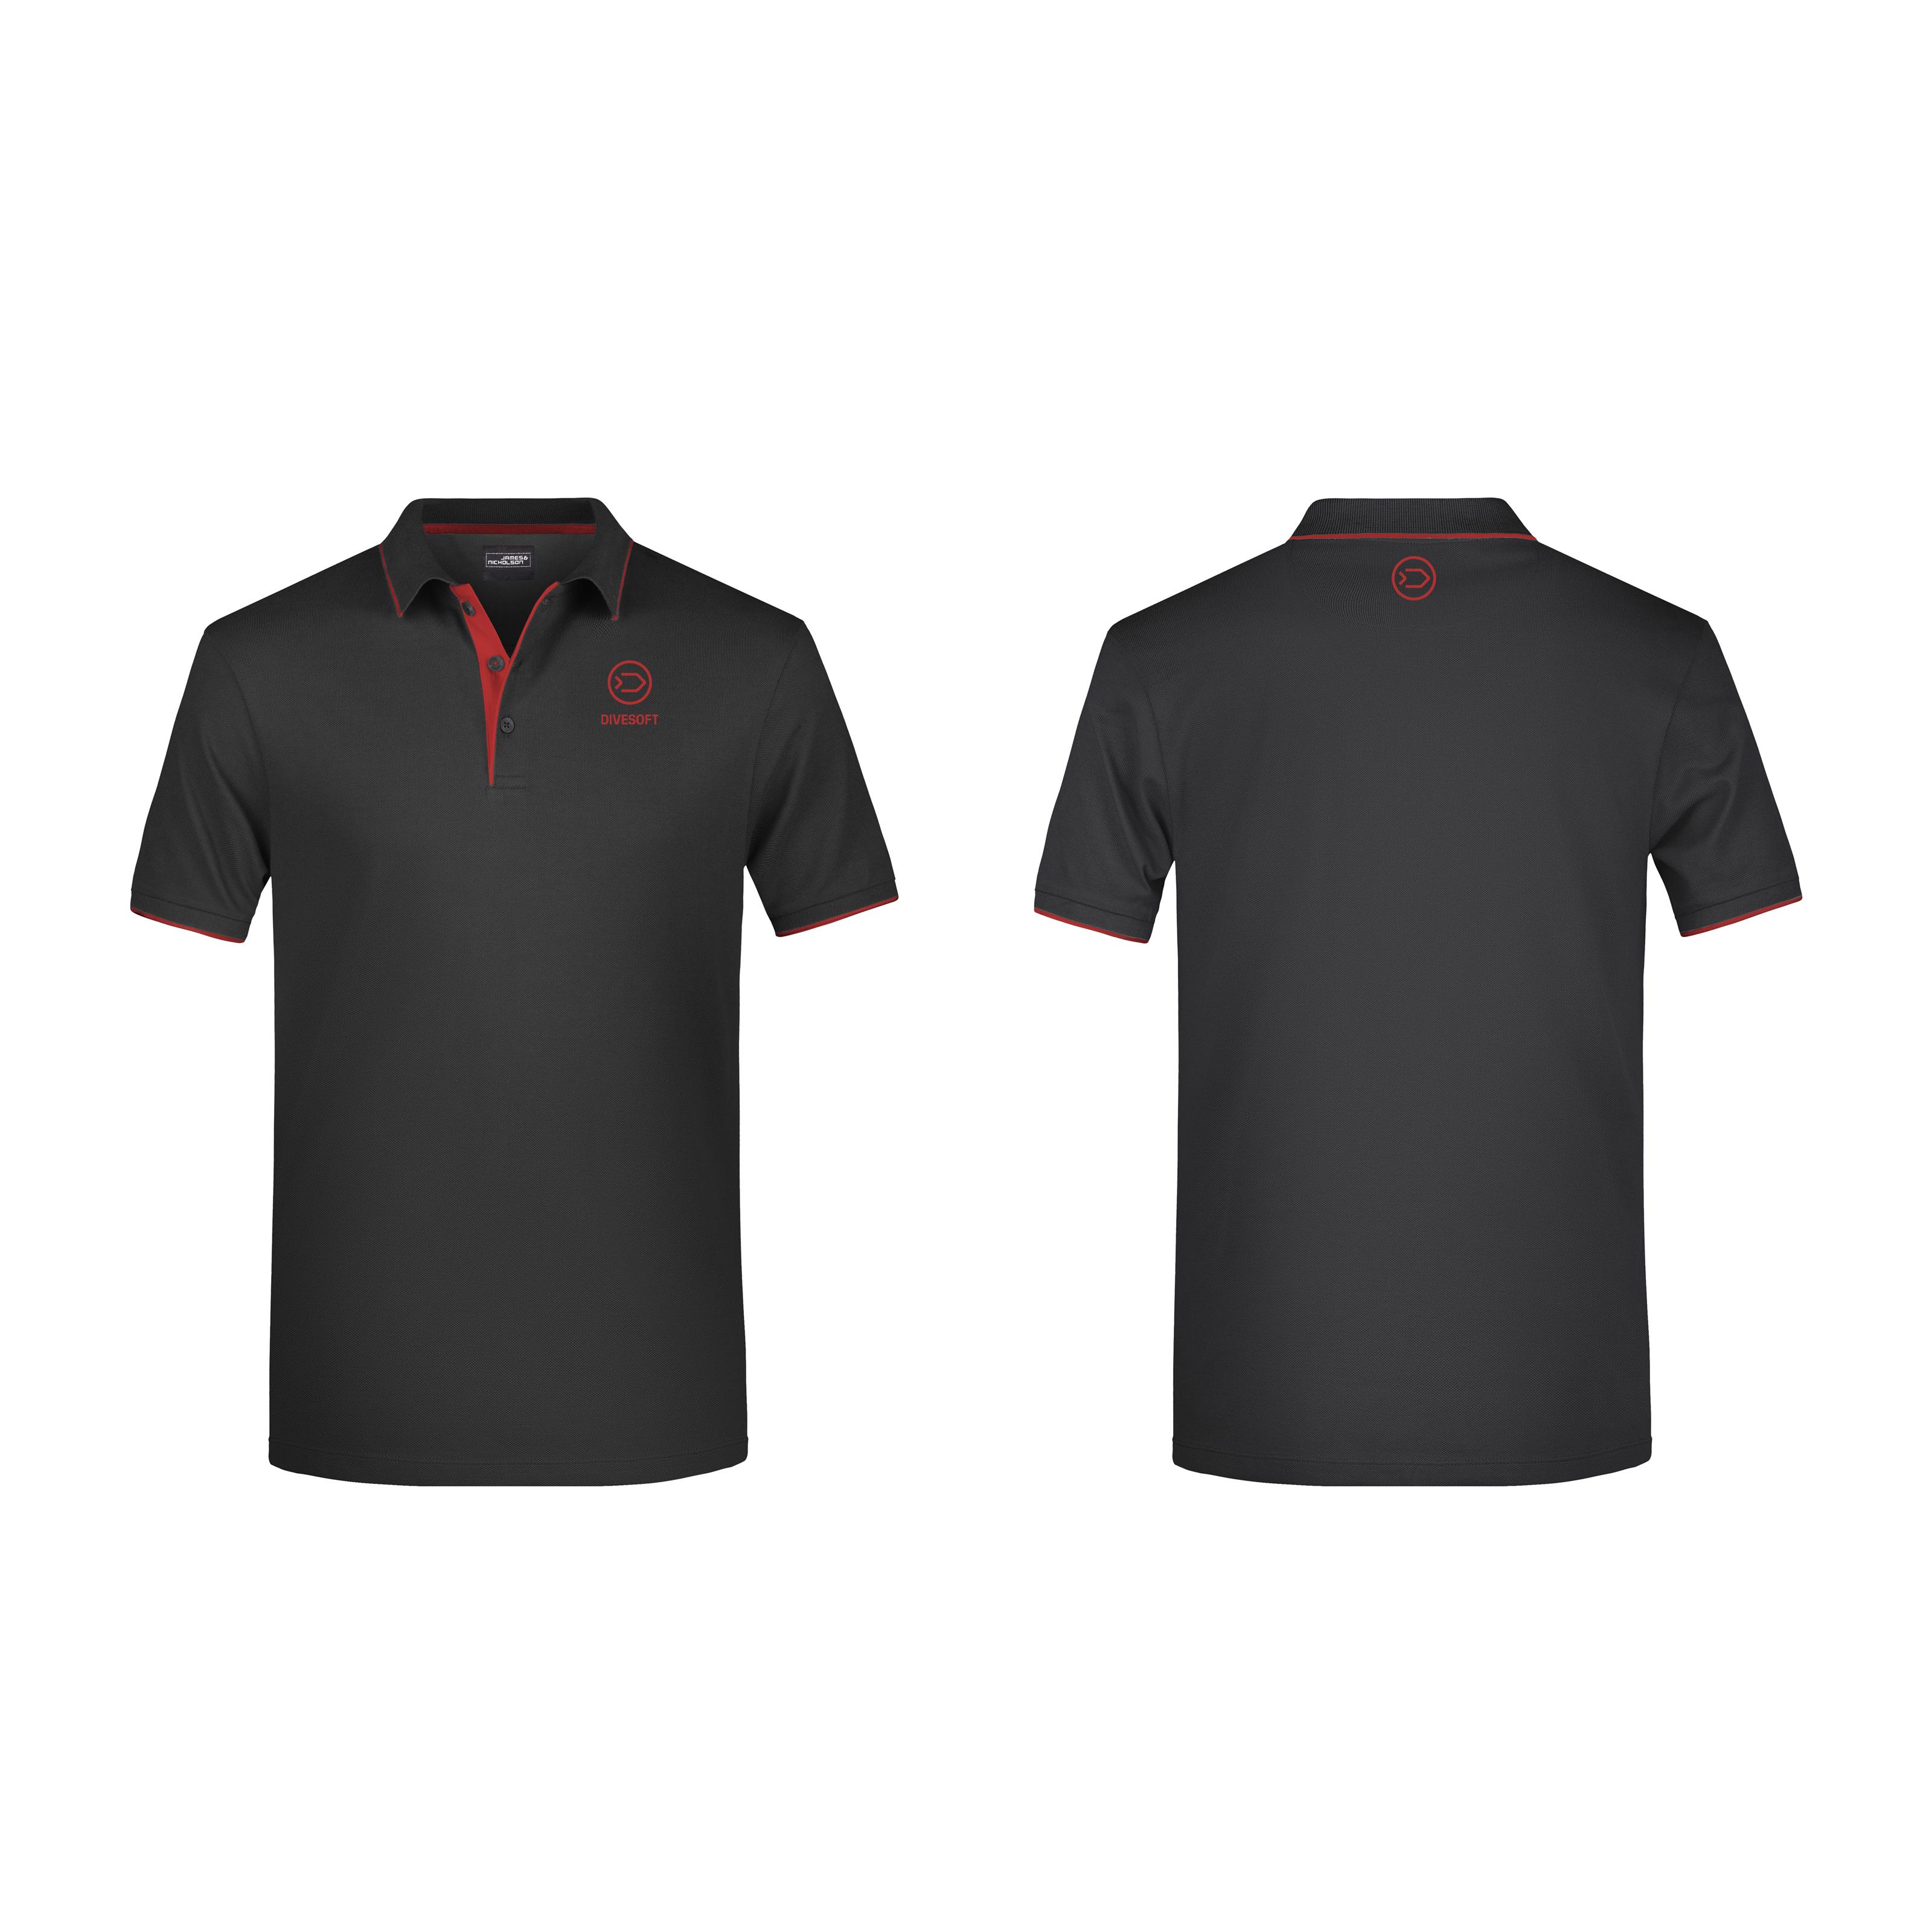 Divesoft Poloshirt Men